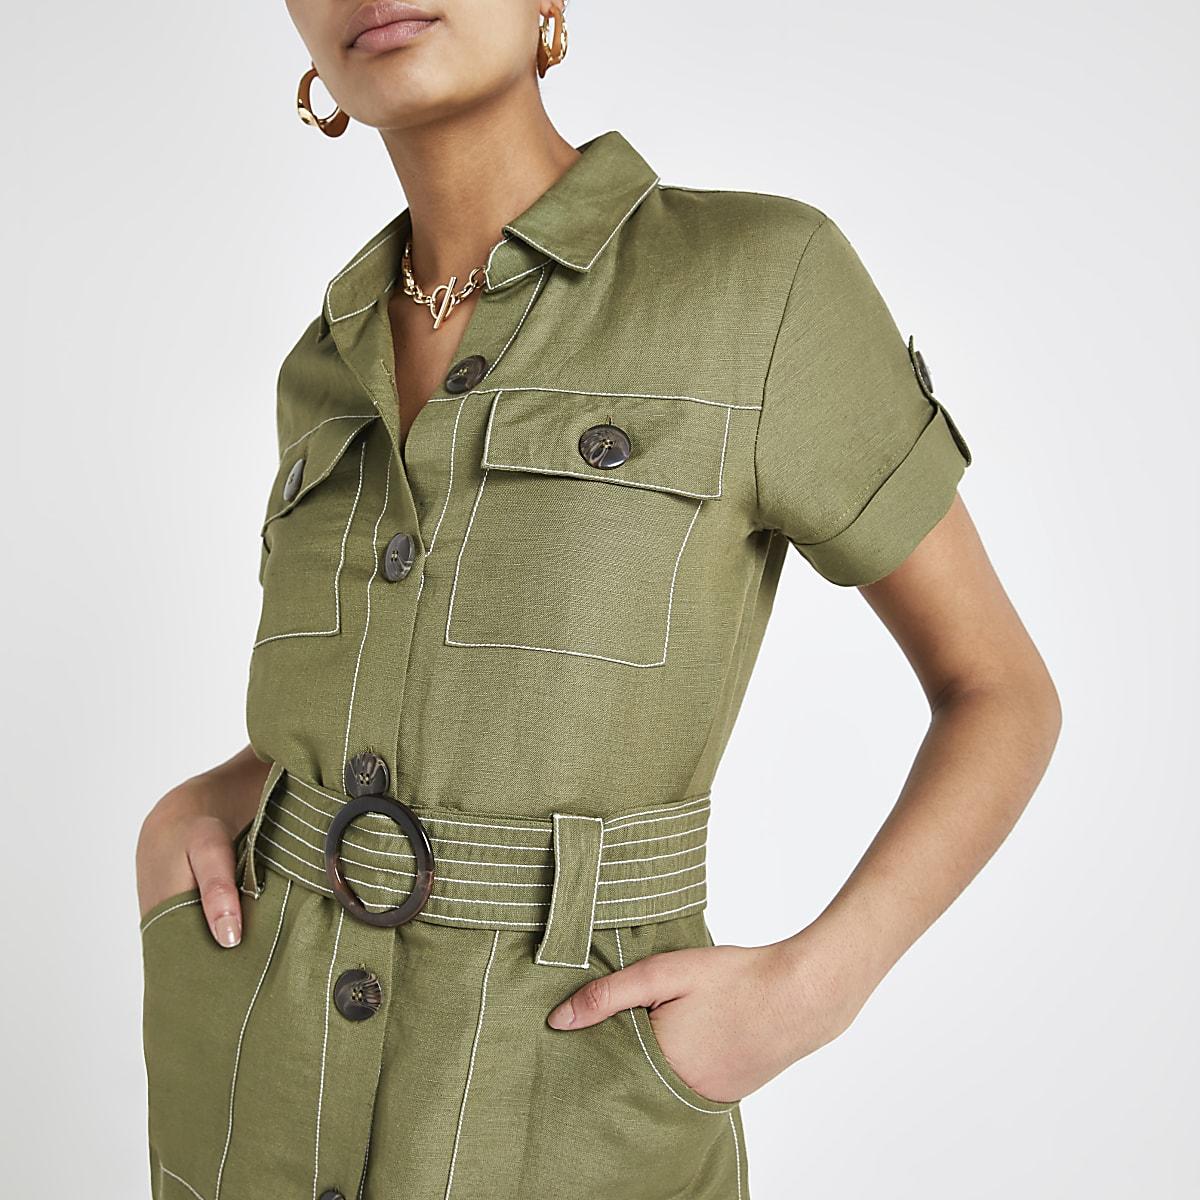 Kaki linnen utility overhemd met ceintuur